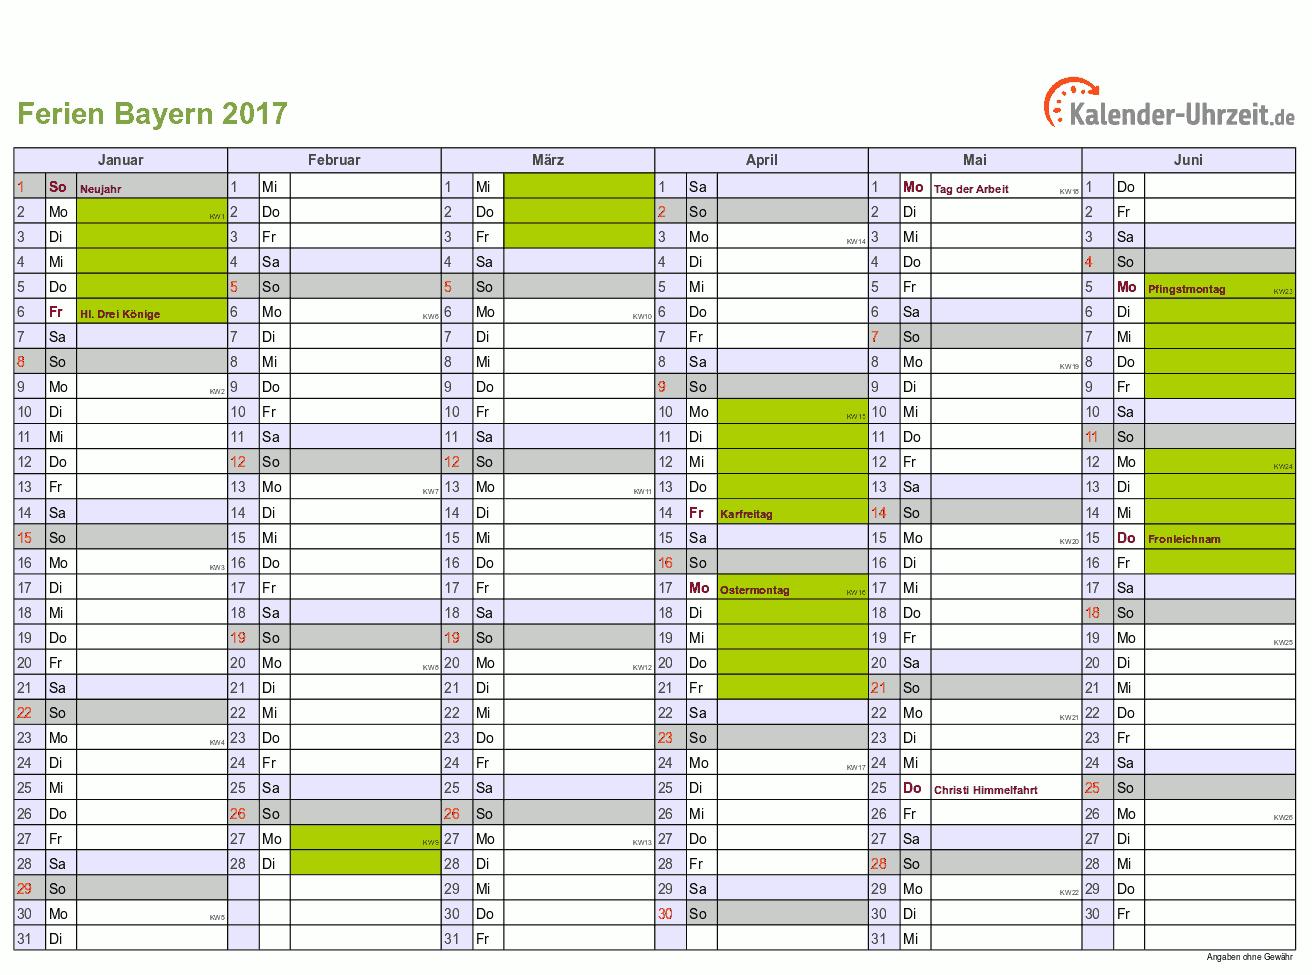 ferien bayern 2017 ferienkalender zum ausdrucken. Black Bedroom Furniture Sets. Home Design Ideas